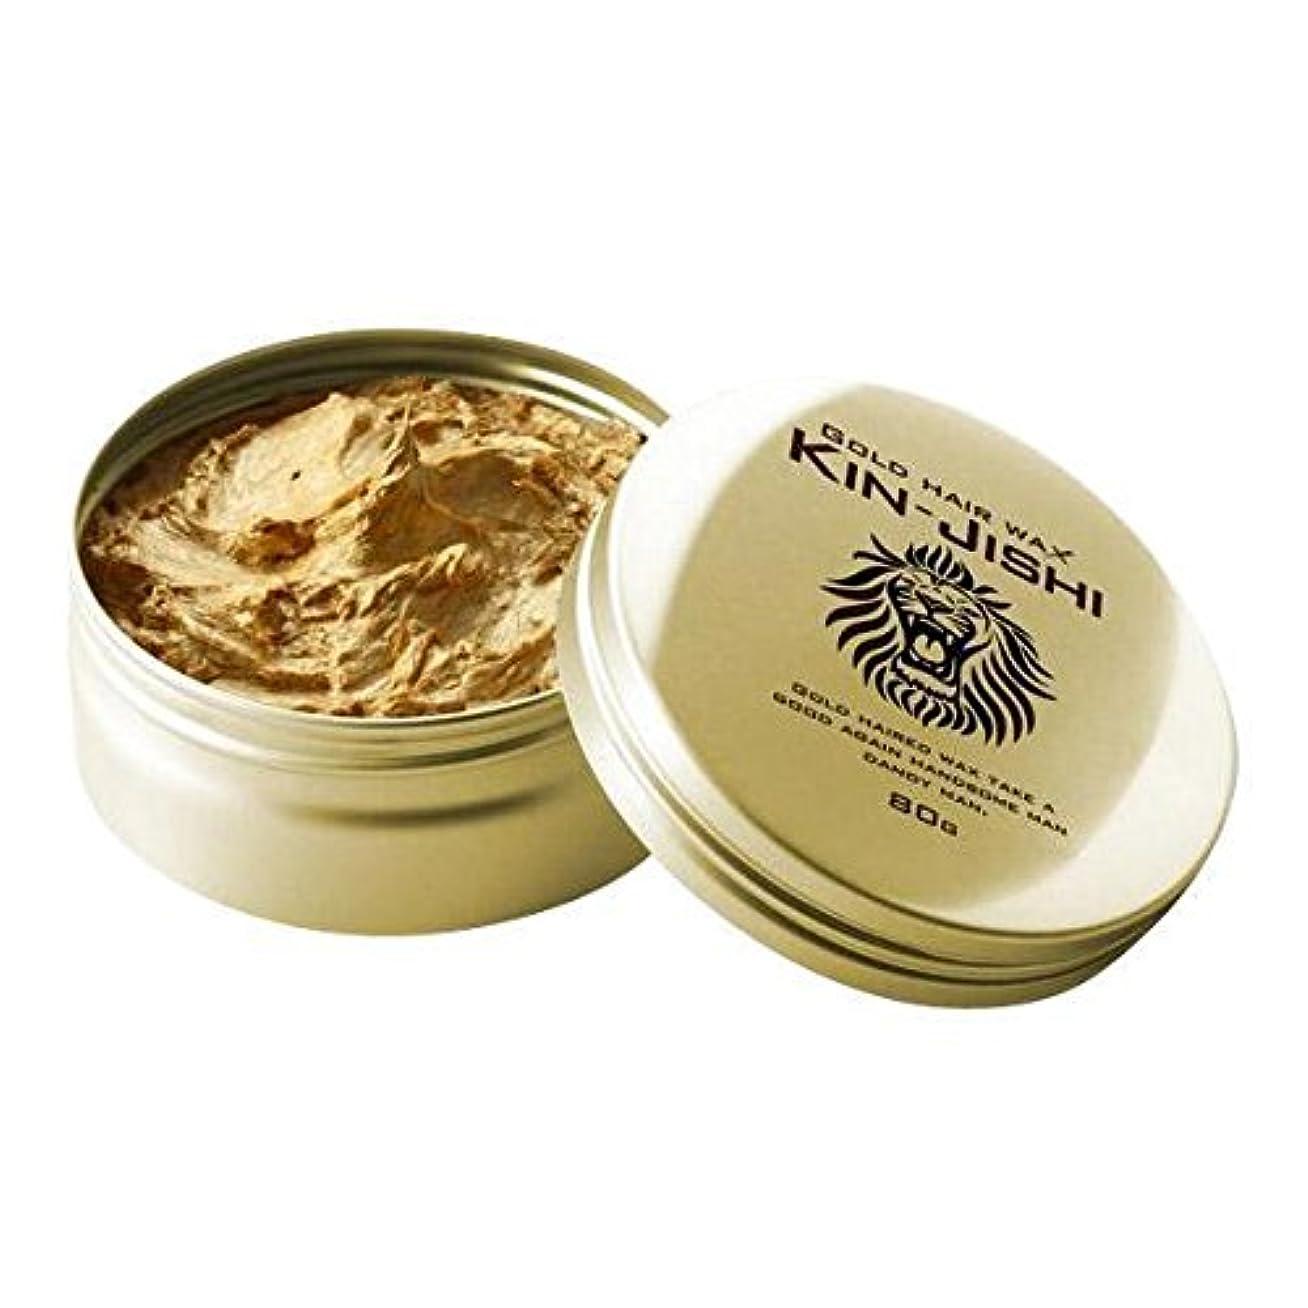 問い合わせラオス人電池ゴールドヘアワックス 金獅子